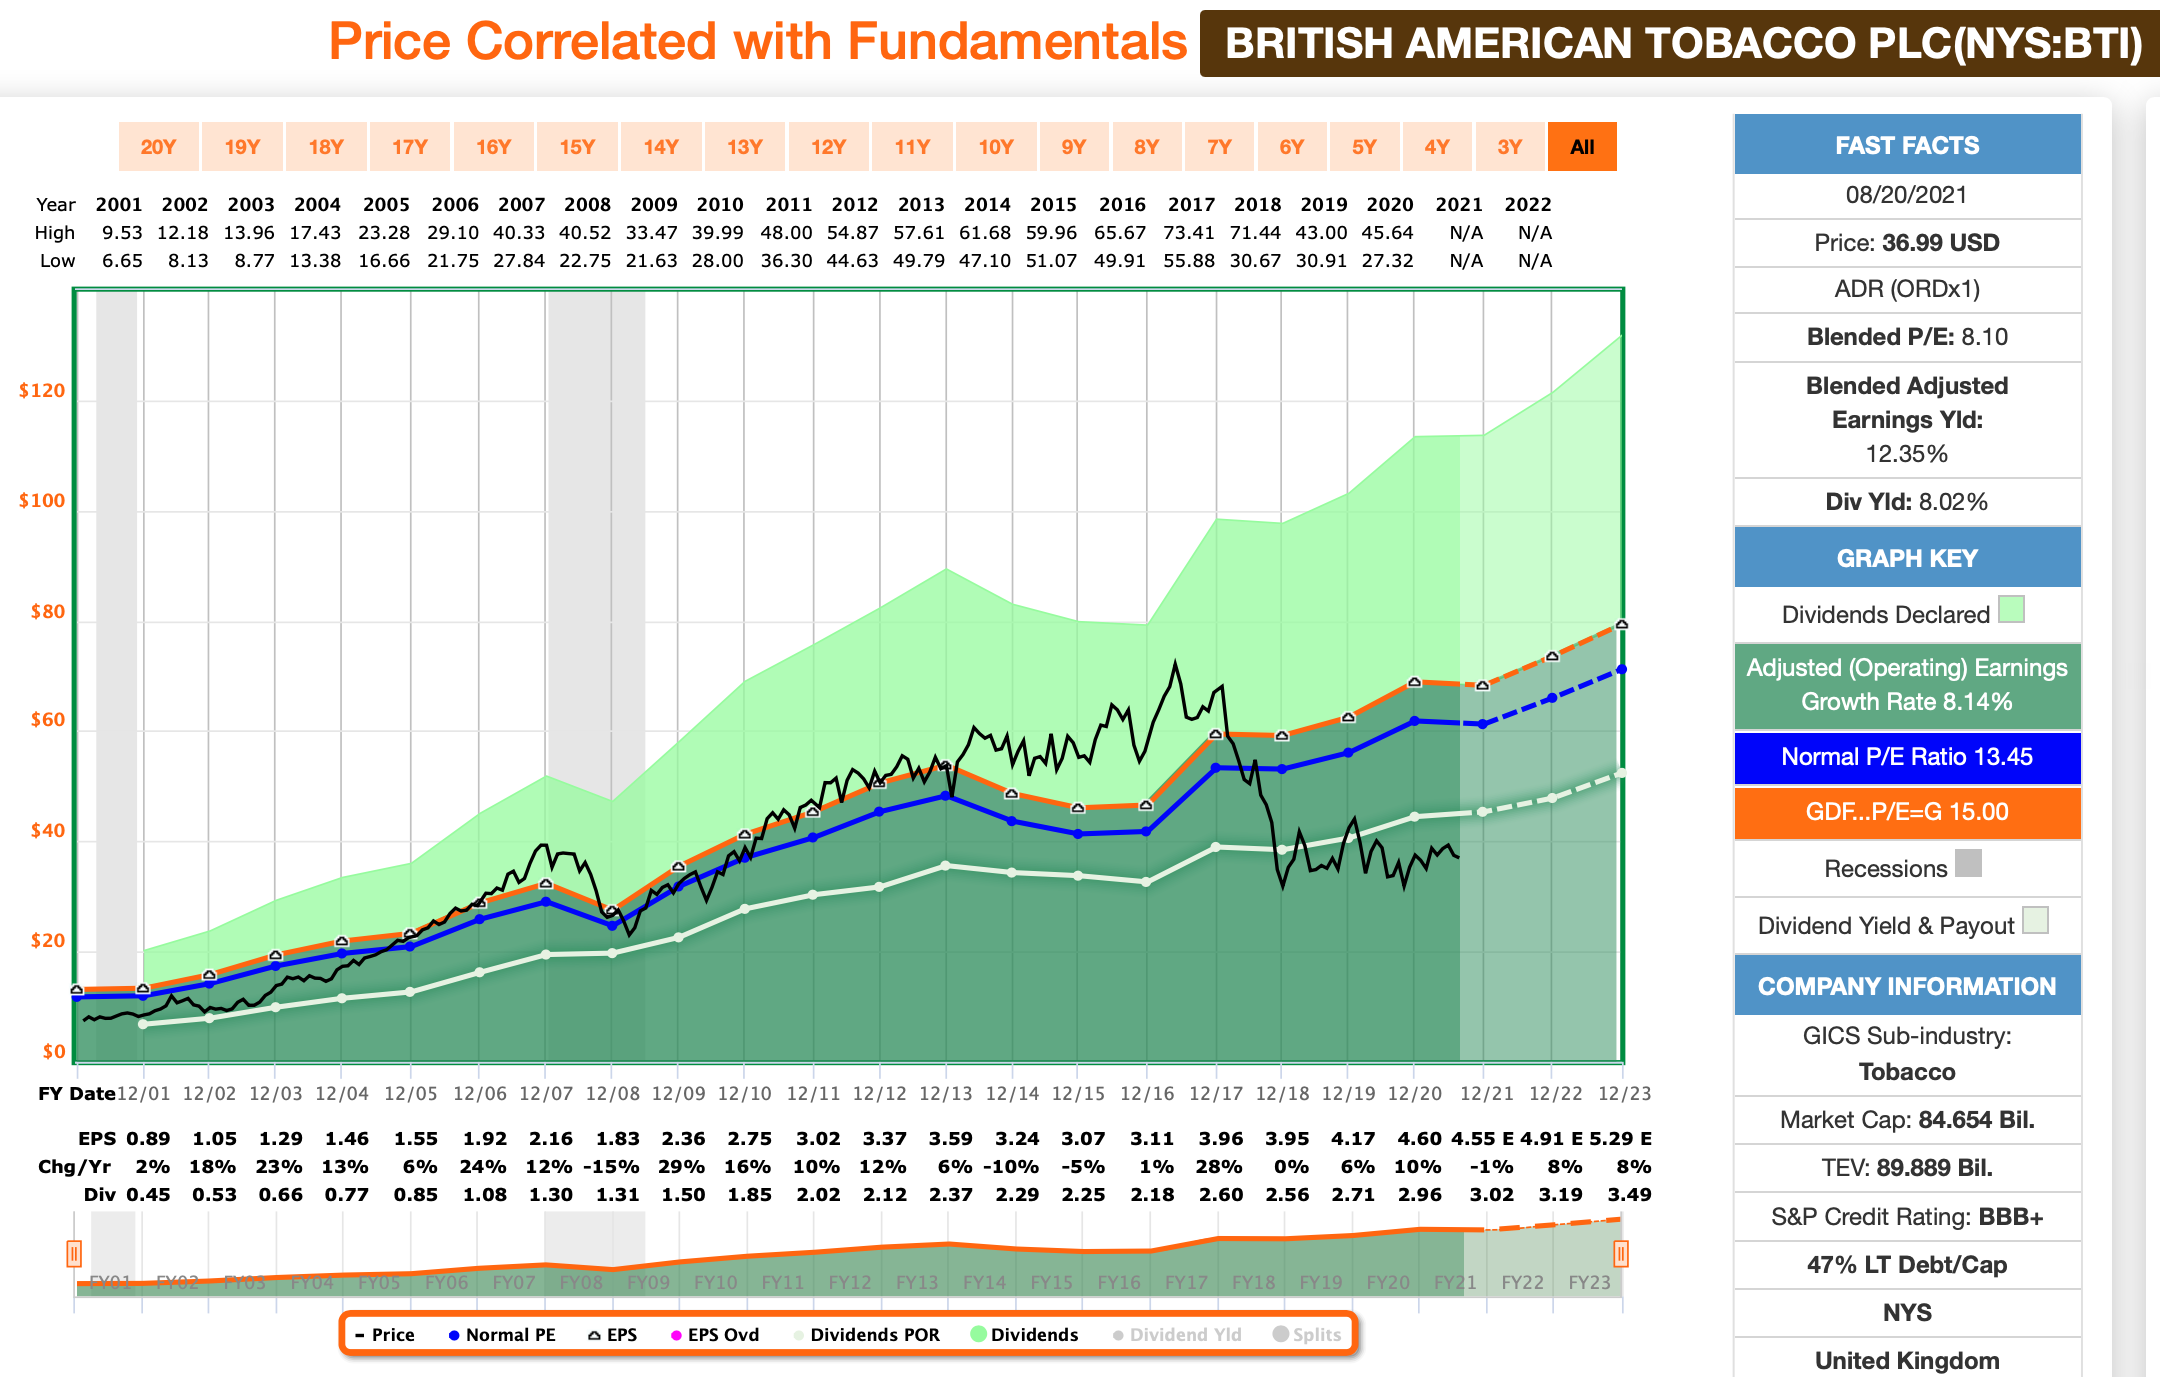 Dividenden-Dienstag: British American Tobacco FastGraphs Chart